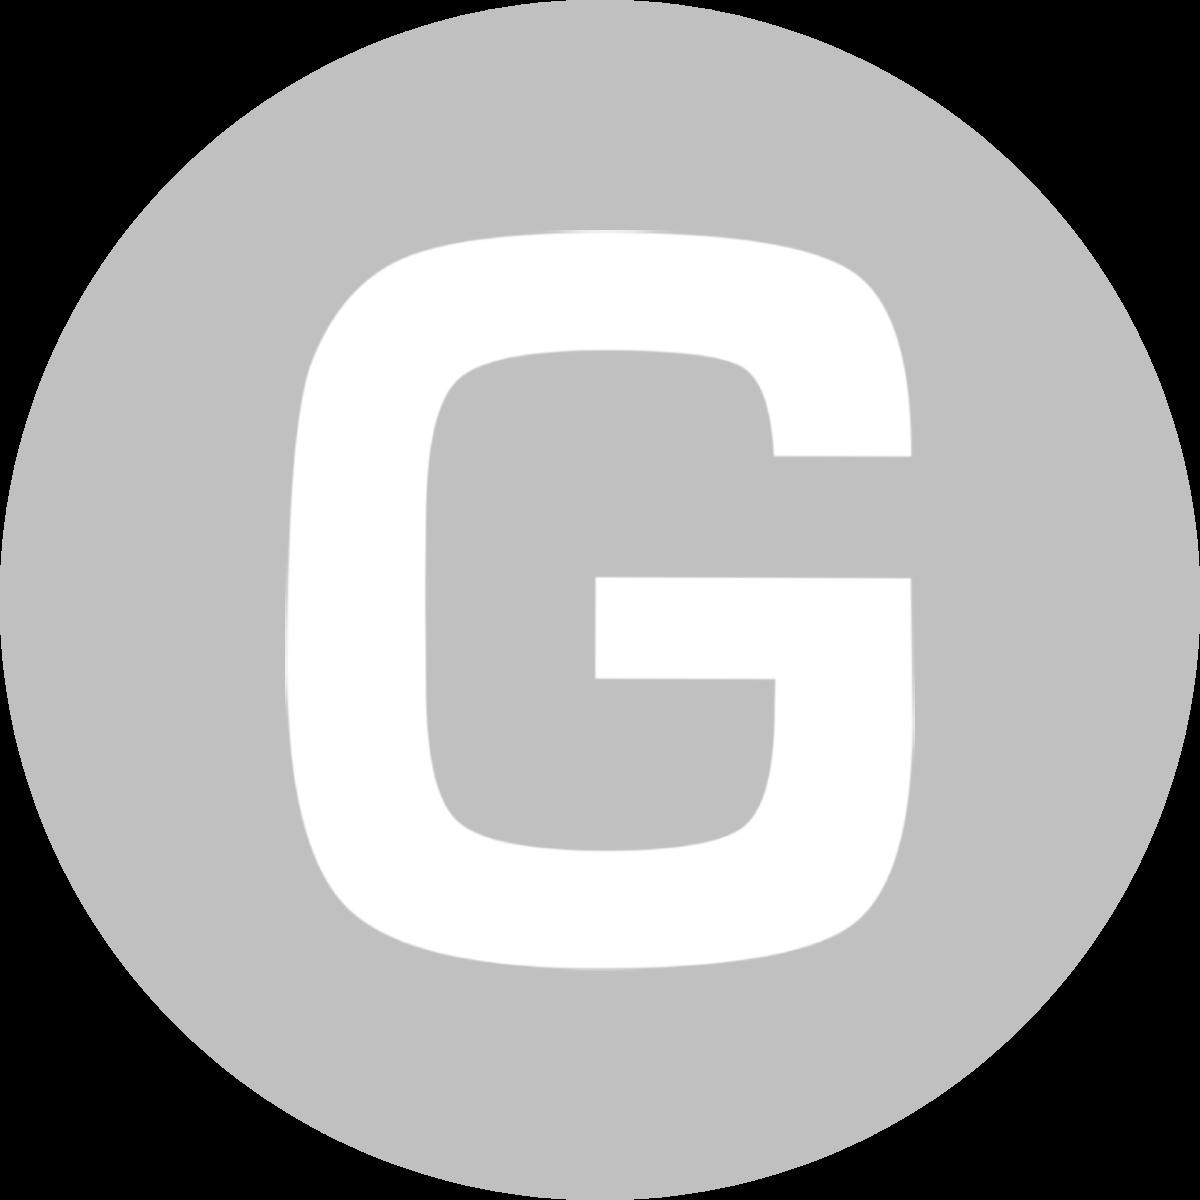 Nike Caps Aerobill Classic 99 Melon/Hvit